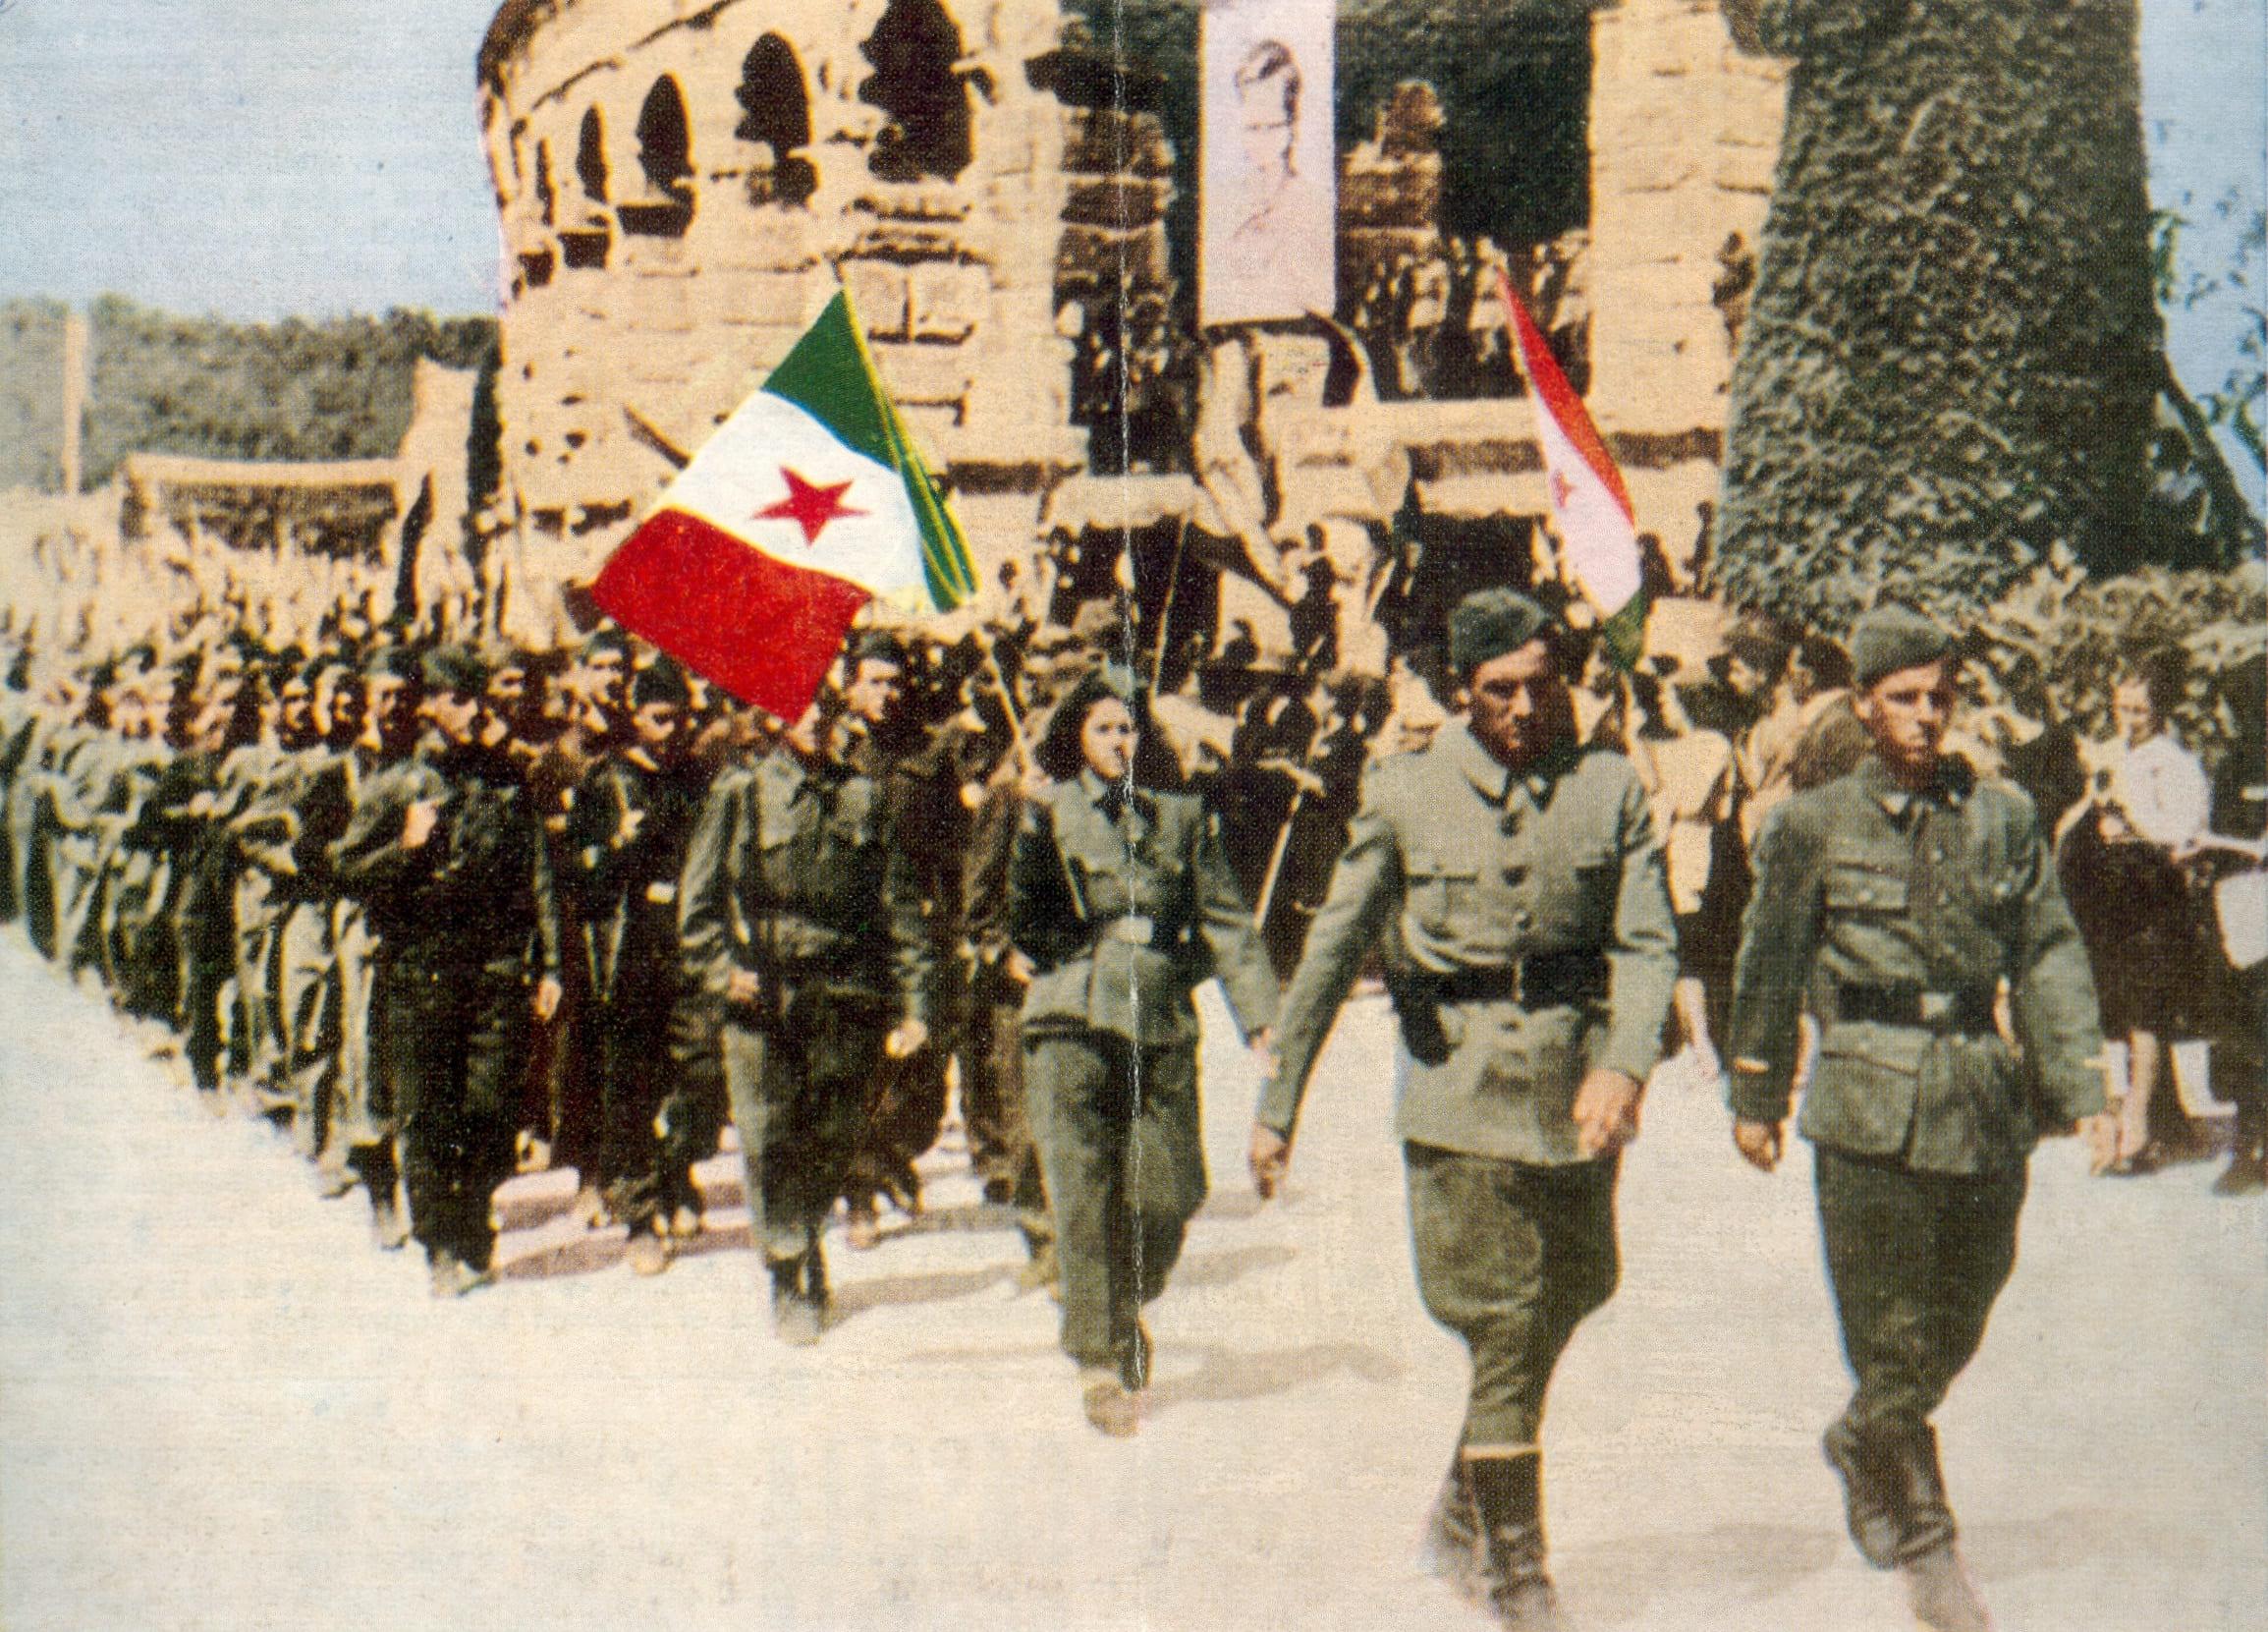 Immagine per «La vendetta jugoslava a Gorizia fu colpa del nazifascismo, si riconoscano le proprie colpe»